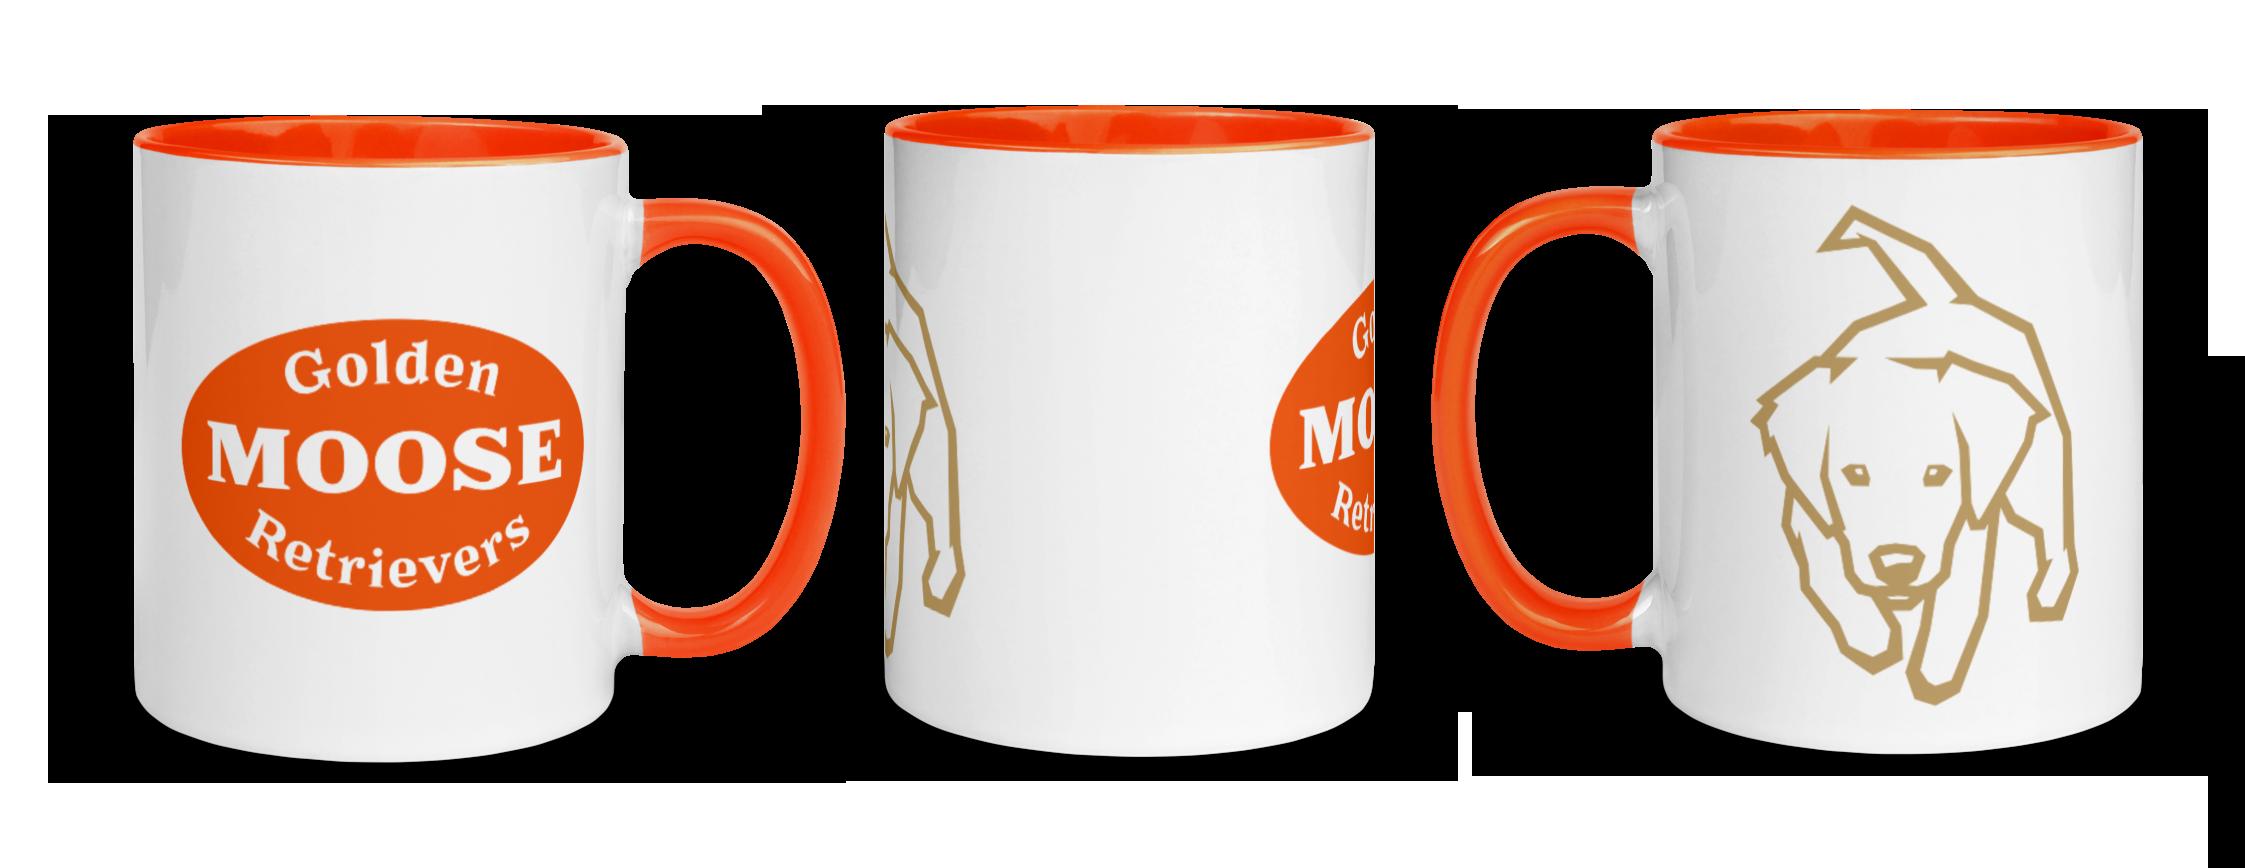 moose golden retriever coffee mugs